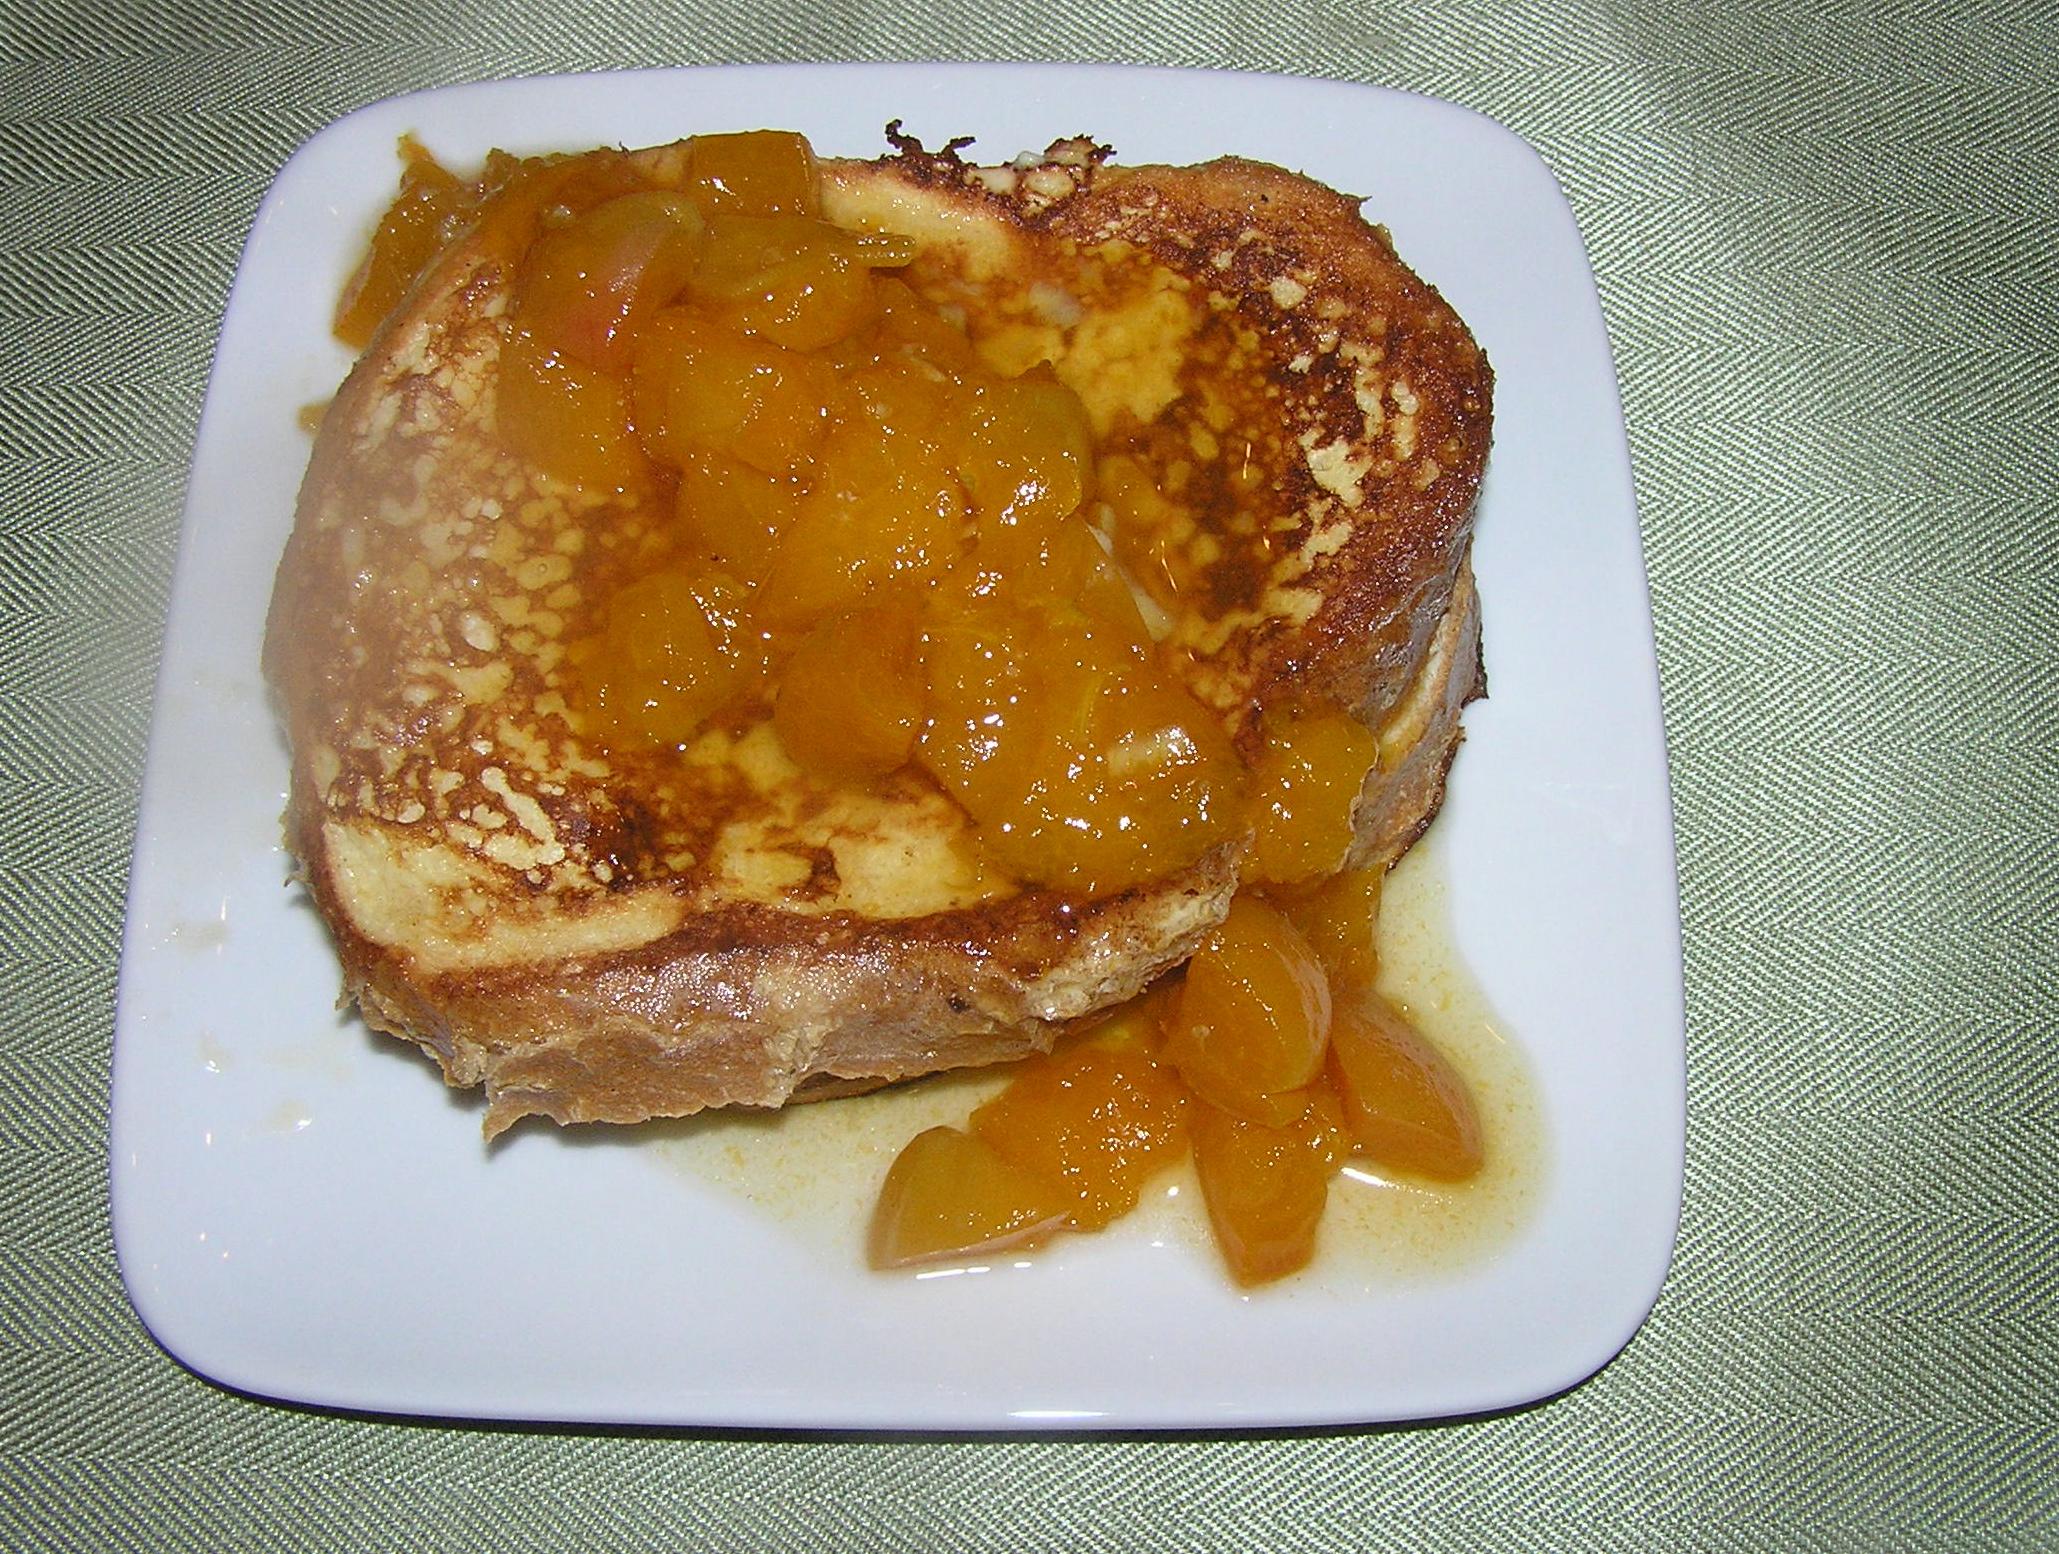 stuffed french apricot